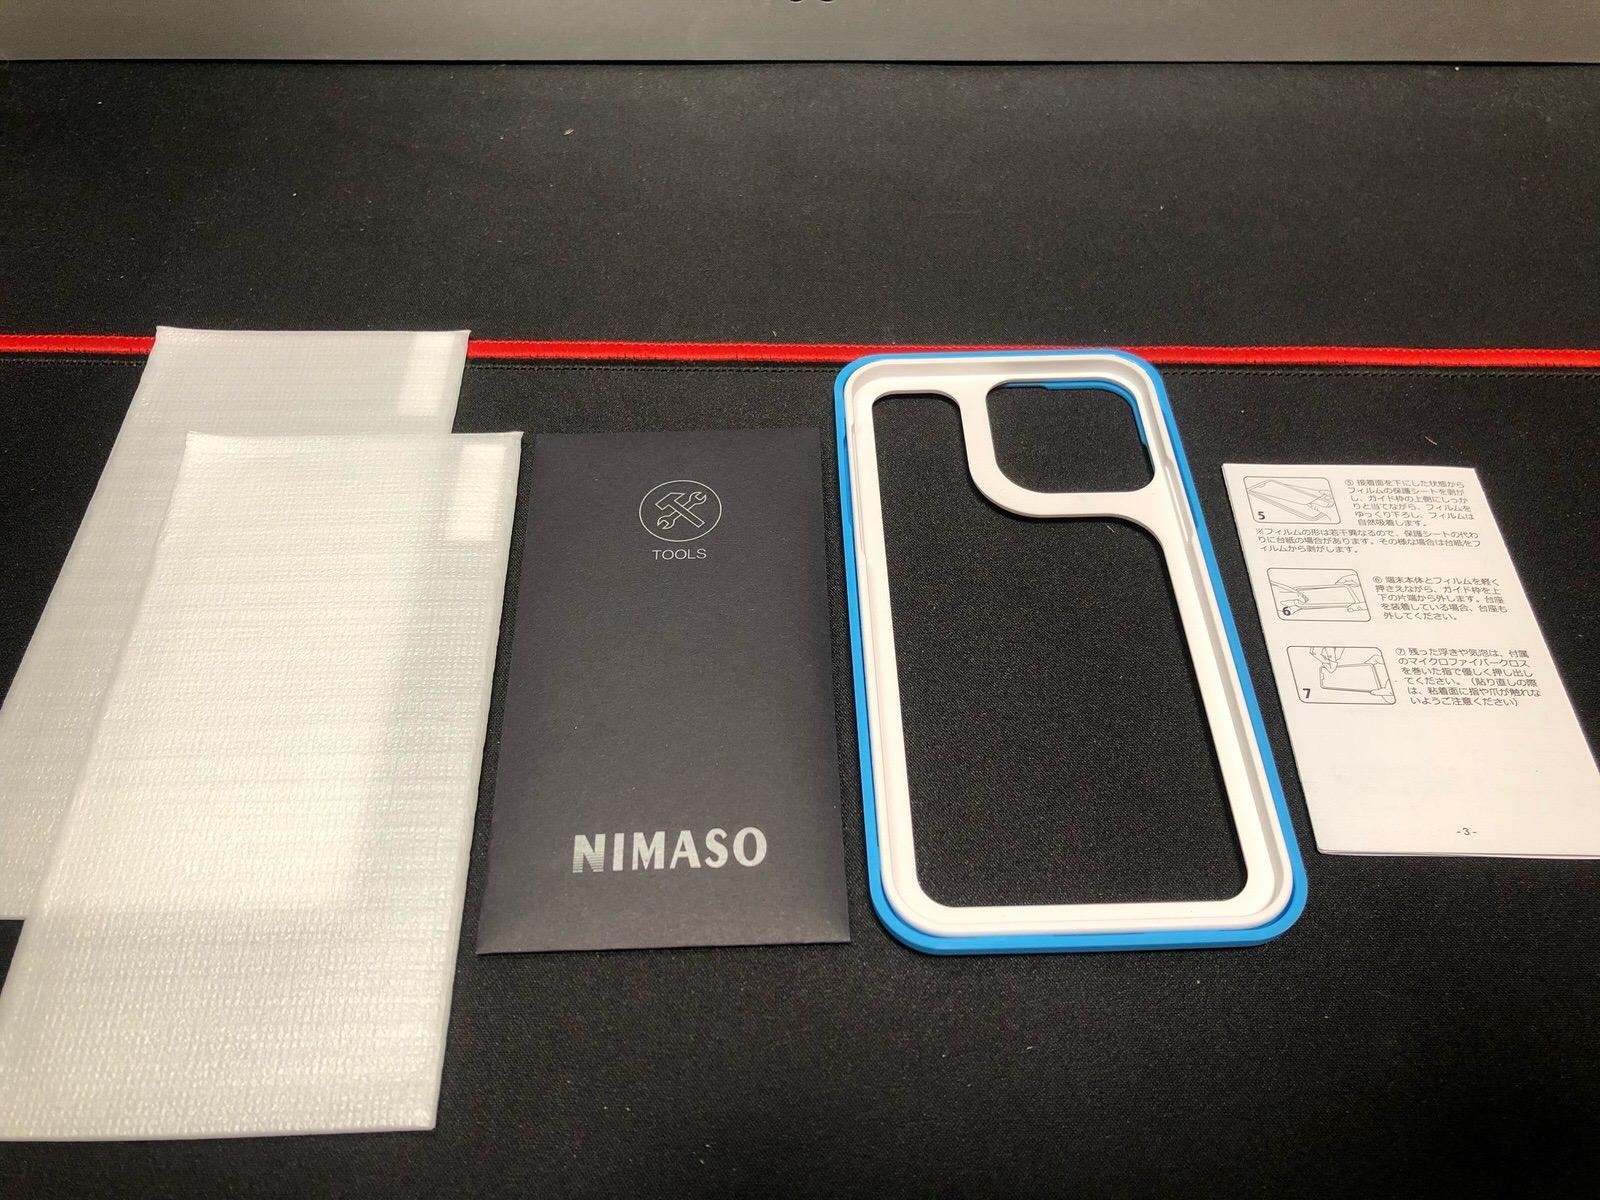 【2枚セット】NIMASO iPhone12 /iPhone 12 Pro/iPhone 11 / XR 用 ガラスフィルム 【ガイド枠付き6